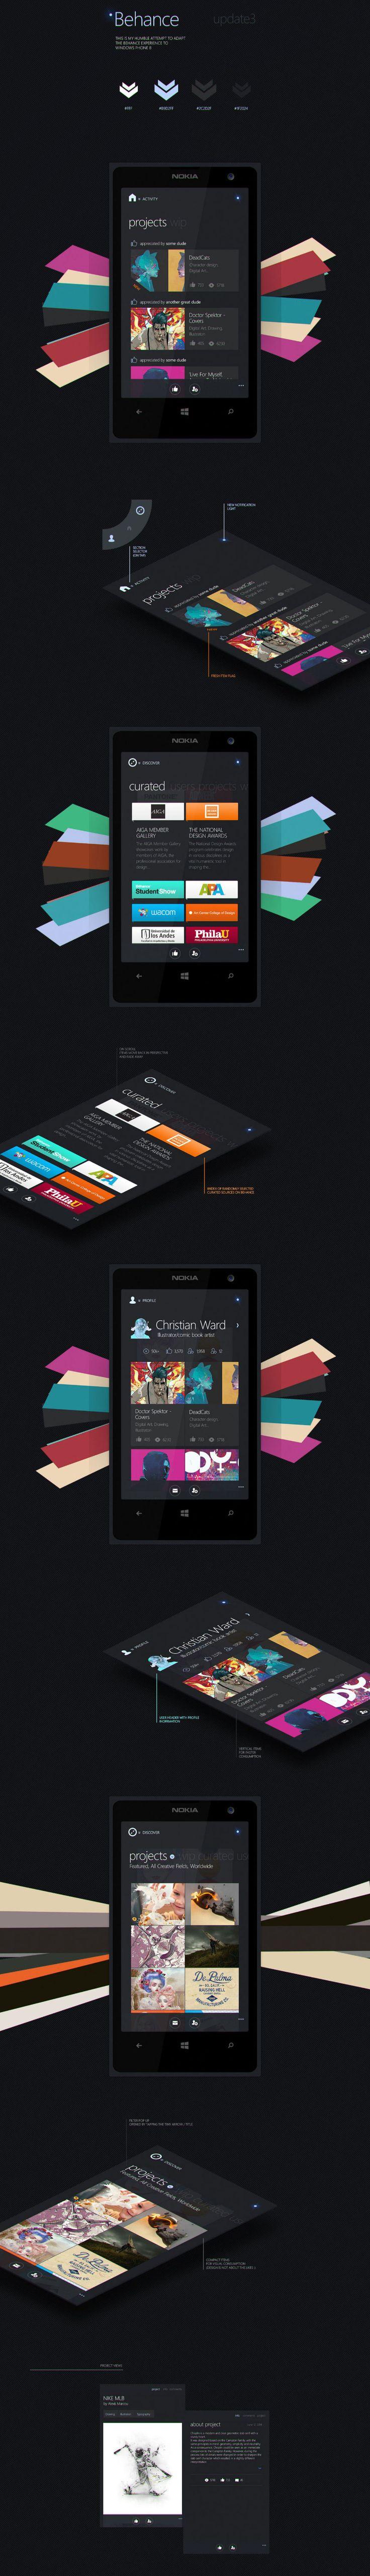 Daily Mobile UI Design Inspiration #524